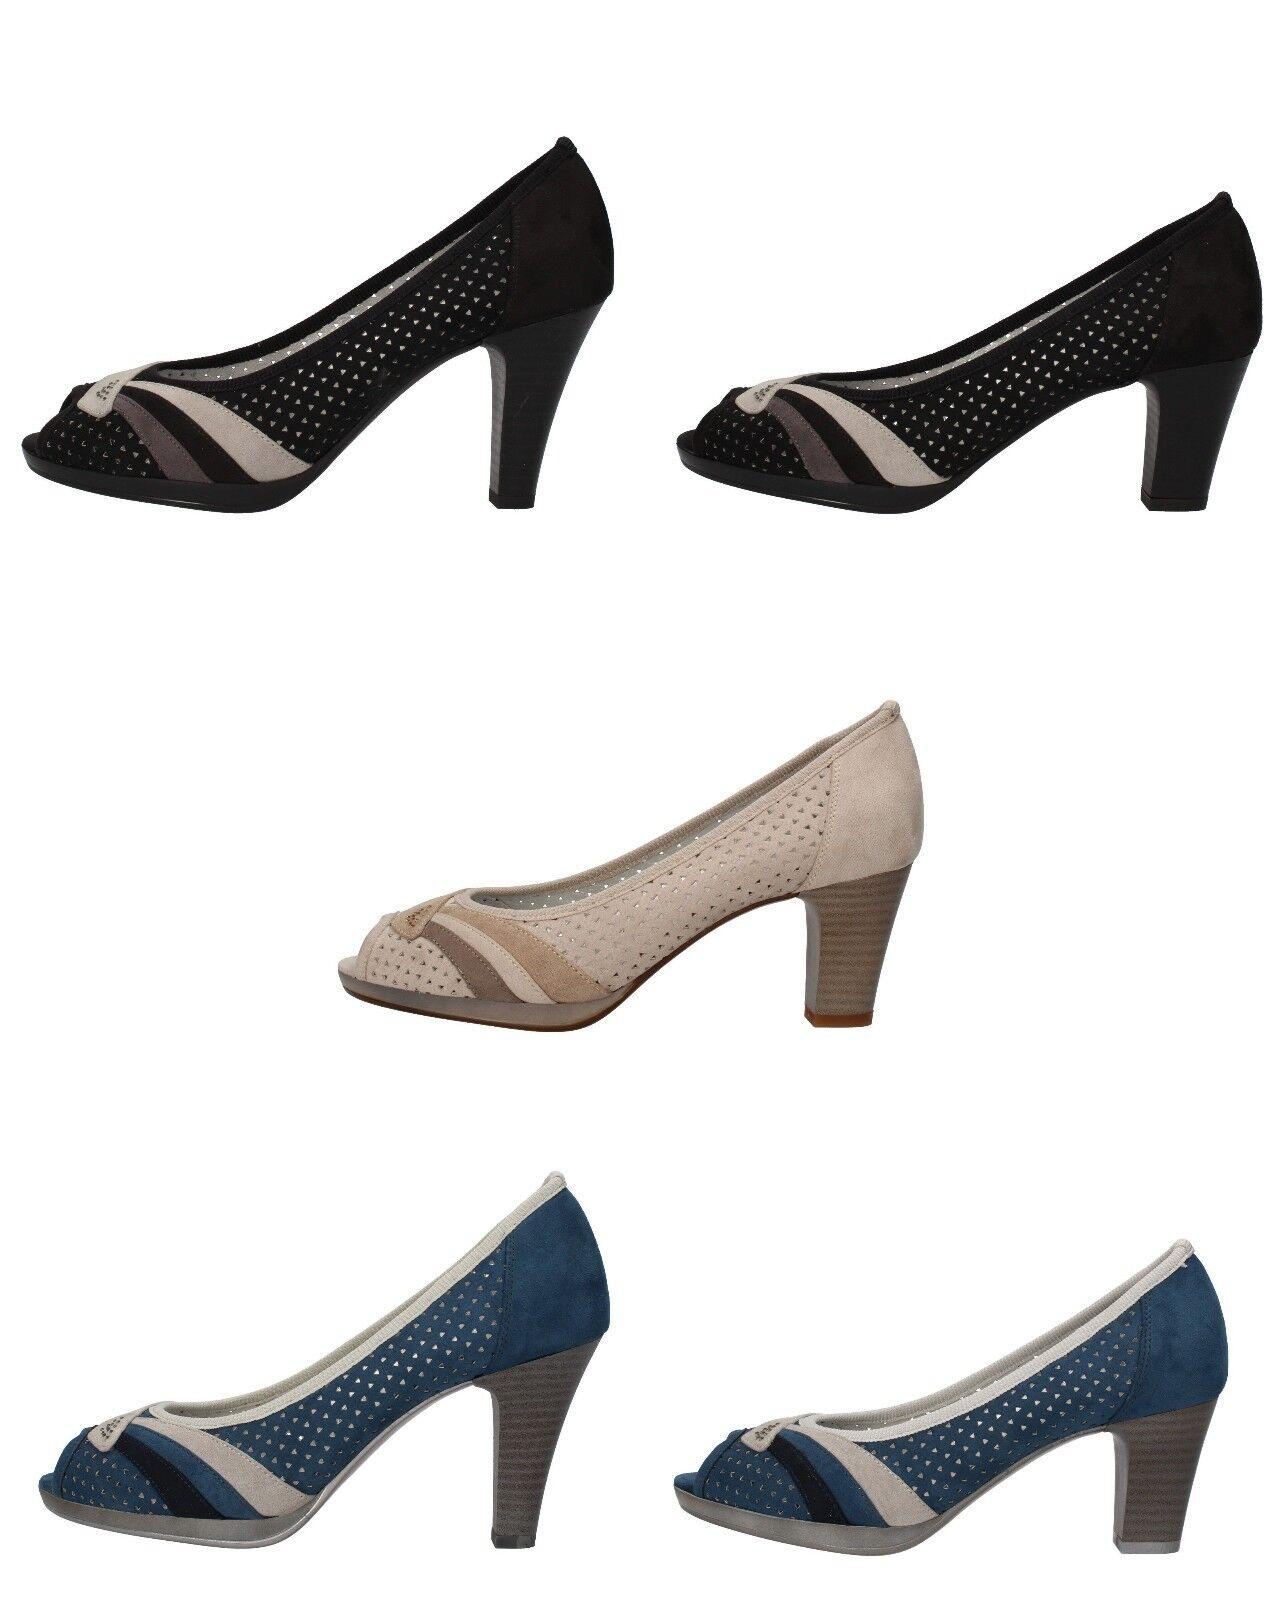 MARY COLLECTION scarpe donna decoltè blu nero beige camoscio